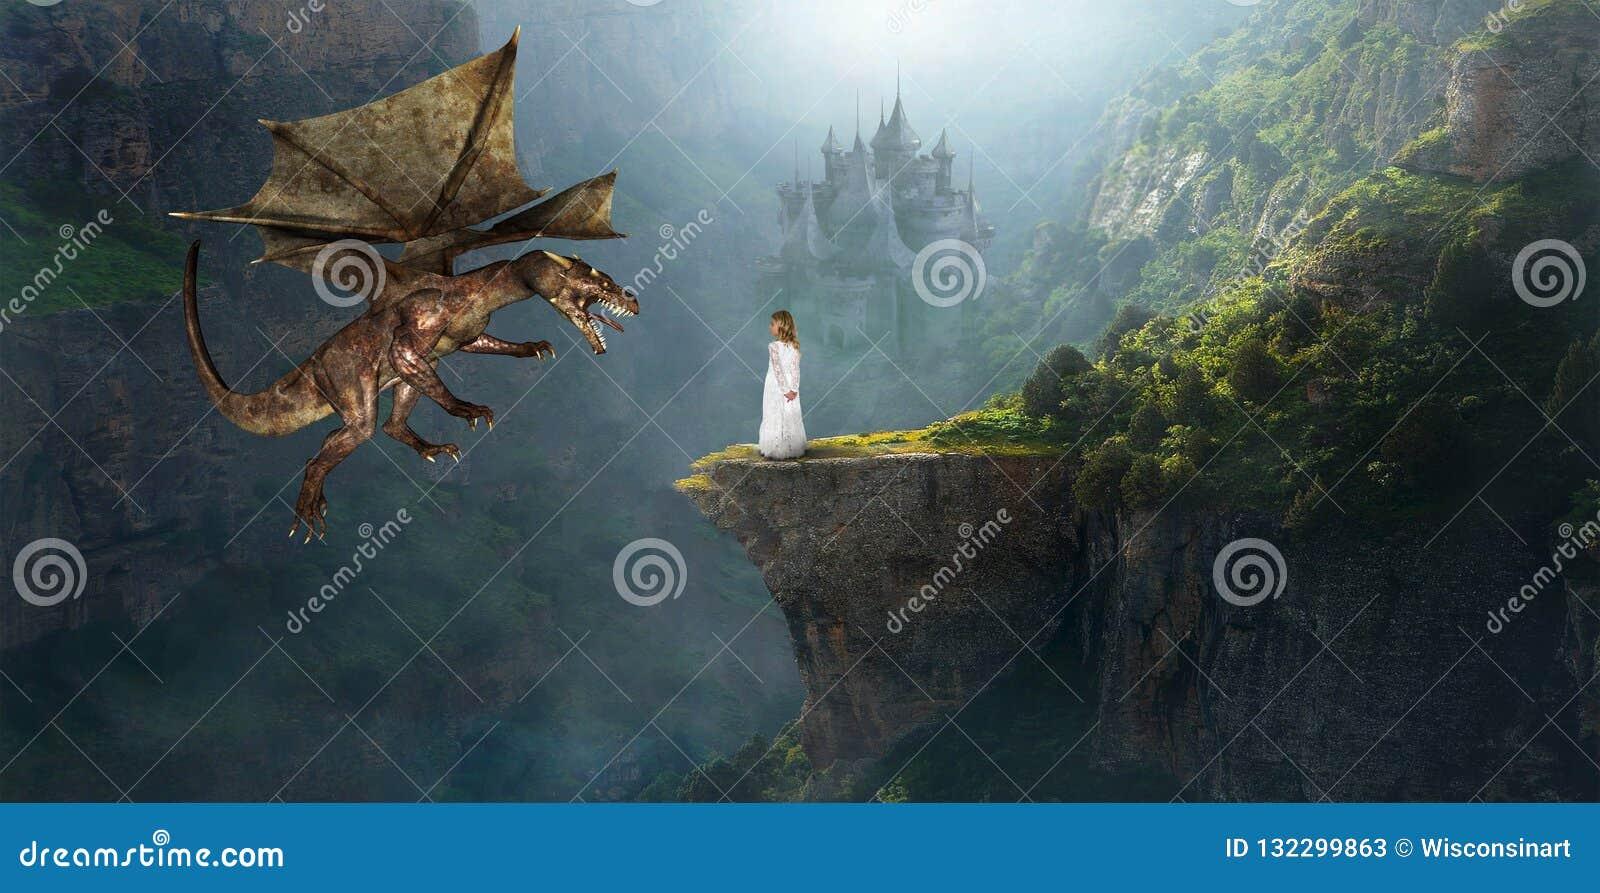 幻想龙,城堡,女孩,想象力,公主